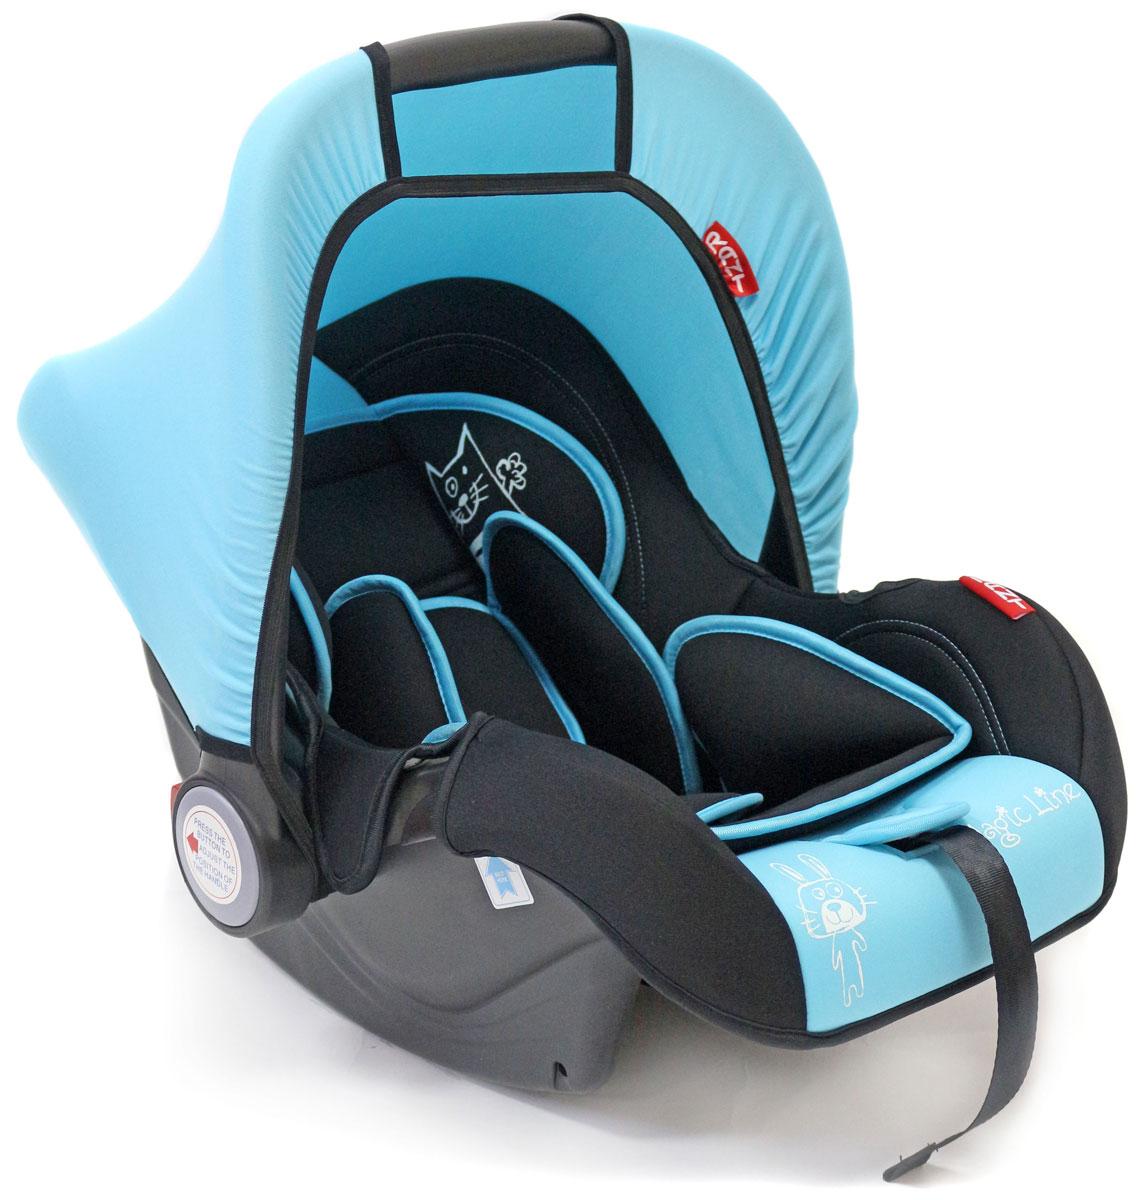 Rant Автокресло Miracle цвет голубой до 13 кг rant подушка вкладыш анатомическая в автокресло люльку